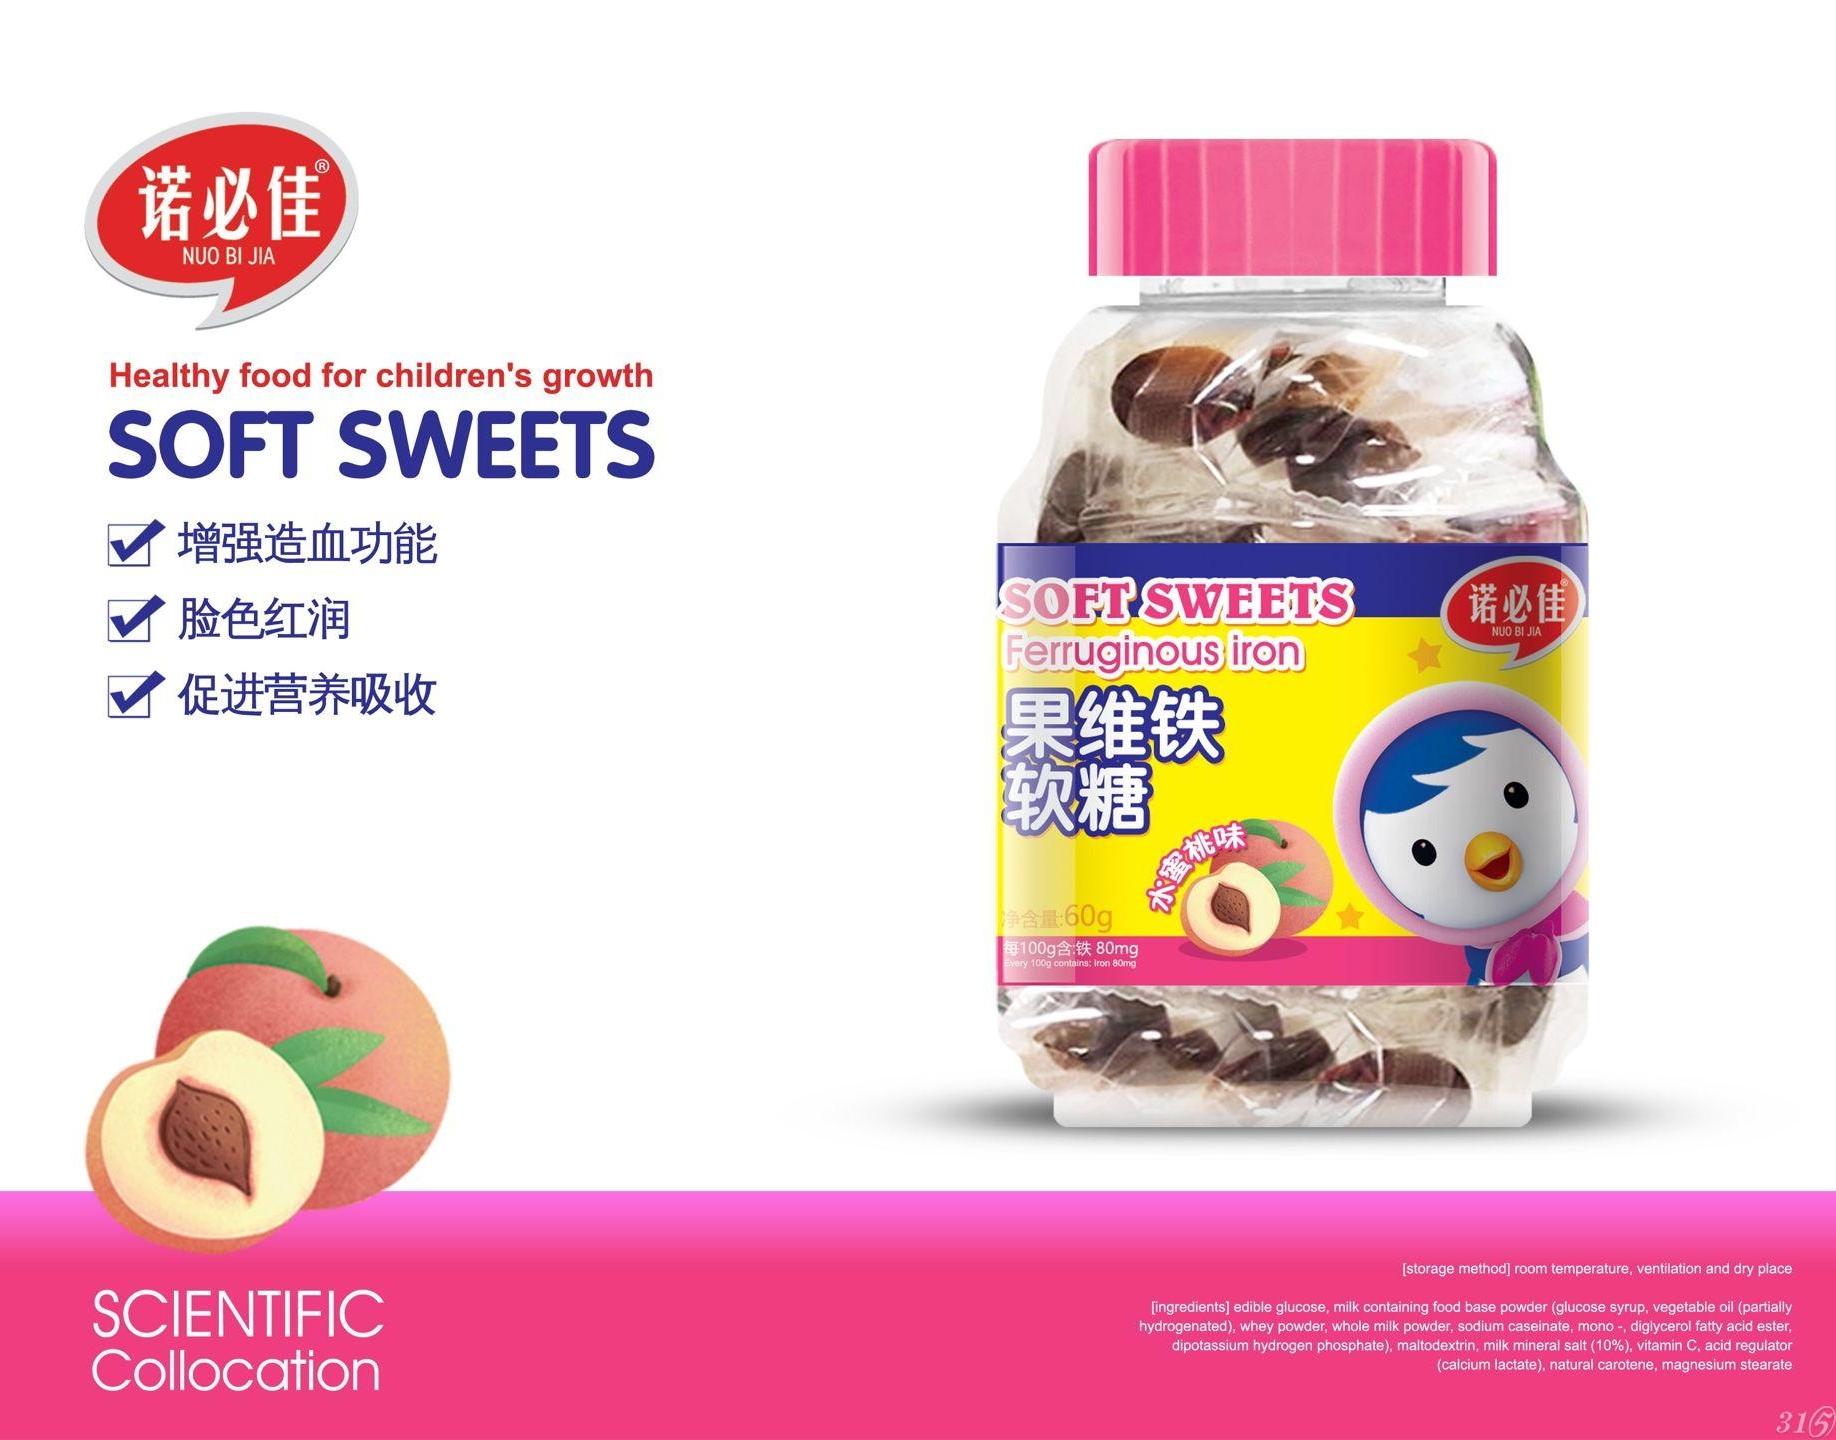 果维铁软糖